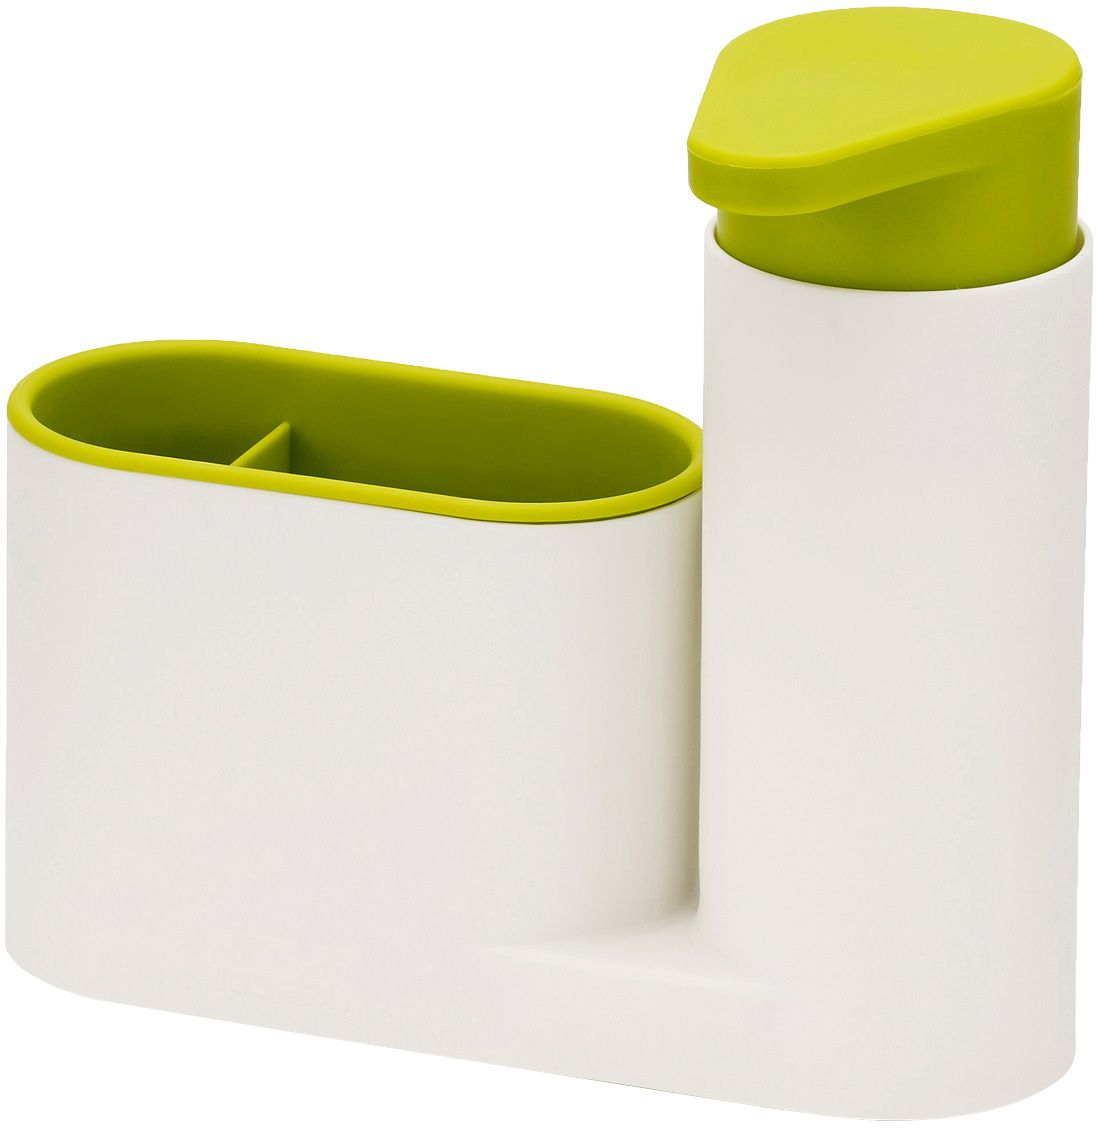 Функциональный набор для организации пространства на кухонной раковине. Набор состоит из удобного дозатора для жидкого мыла и подставки с двумя отделениями для щеток и губок. Благодаря компактному дизайну органайзер может быть размещен даже на узкой стороне раковины.Рекомендуется мыть только вручную.